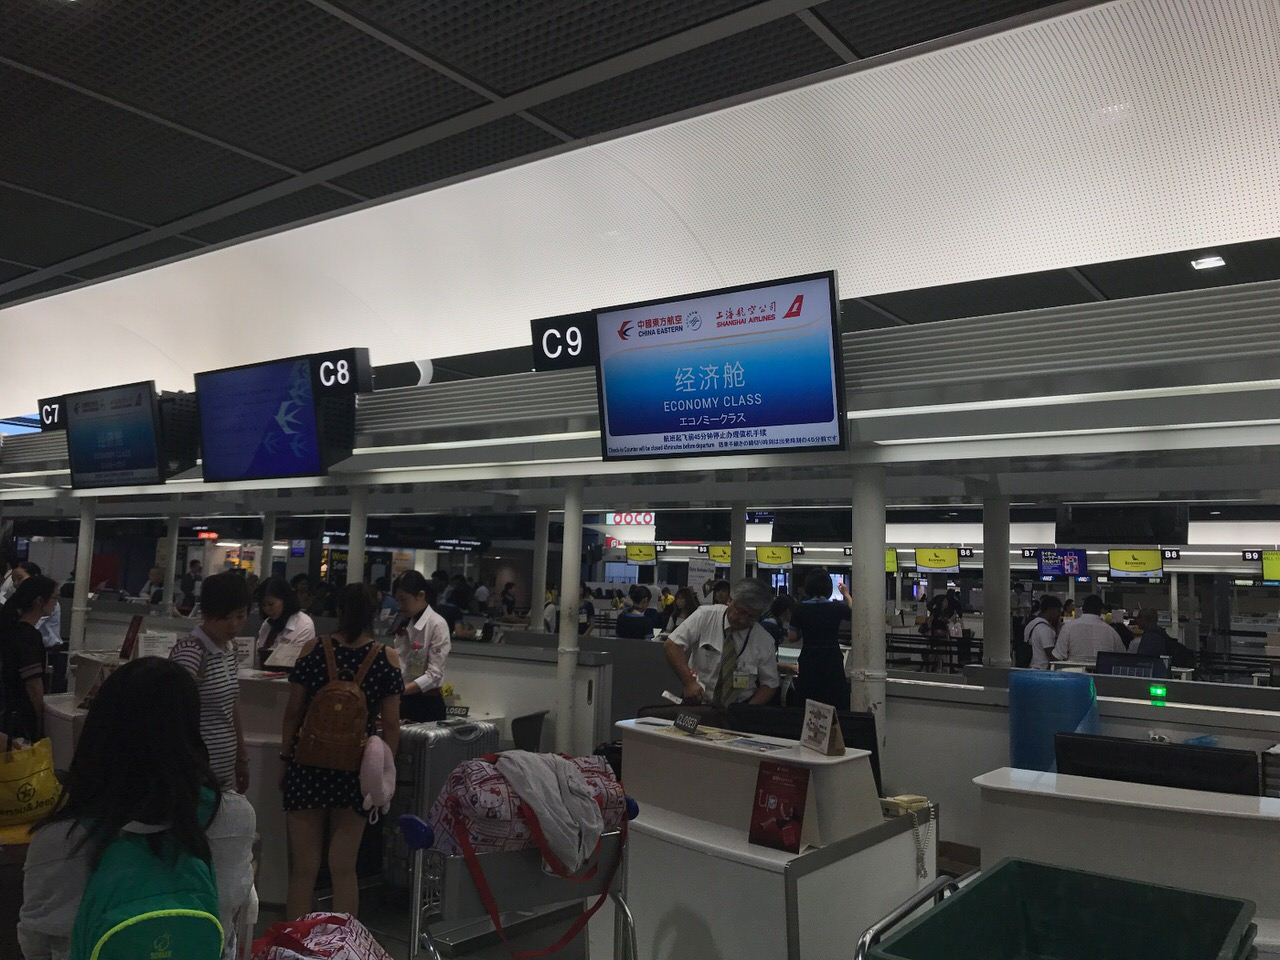 China eastern 4121